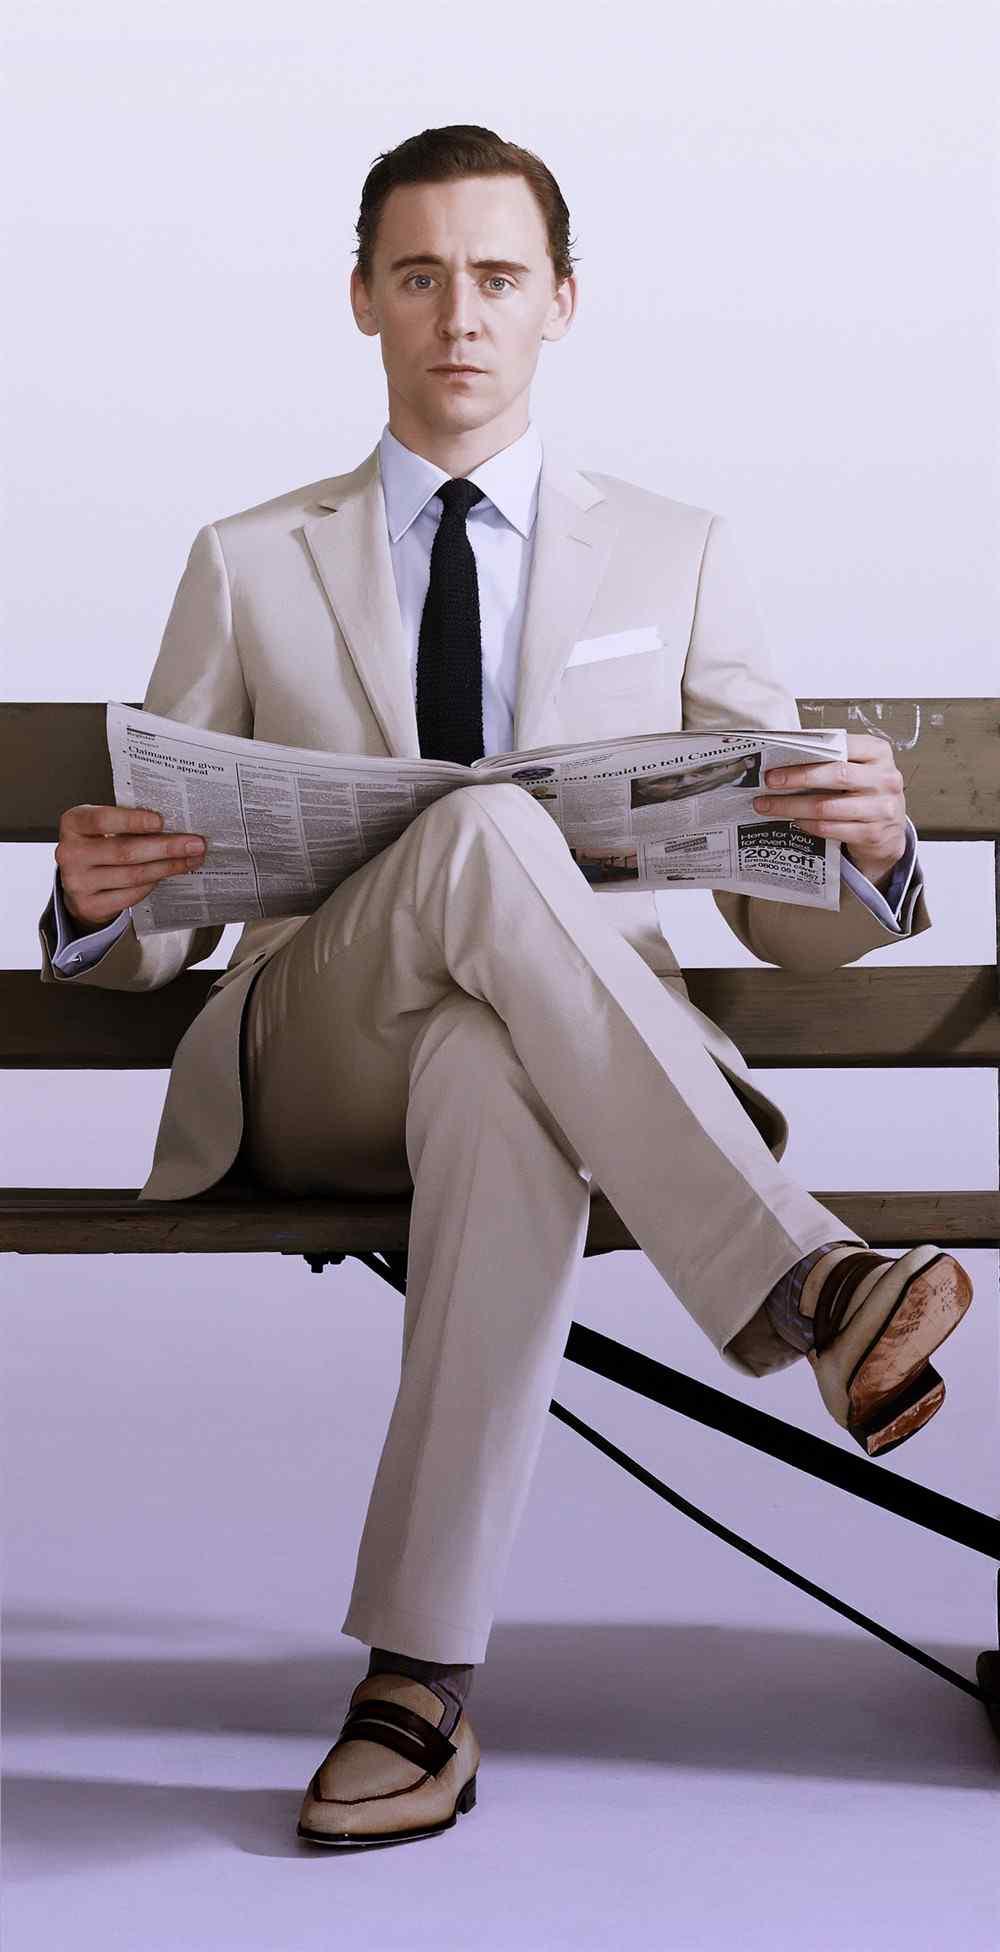 汤姆·希德勒斯顿性感西装高清壁纸